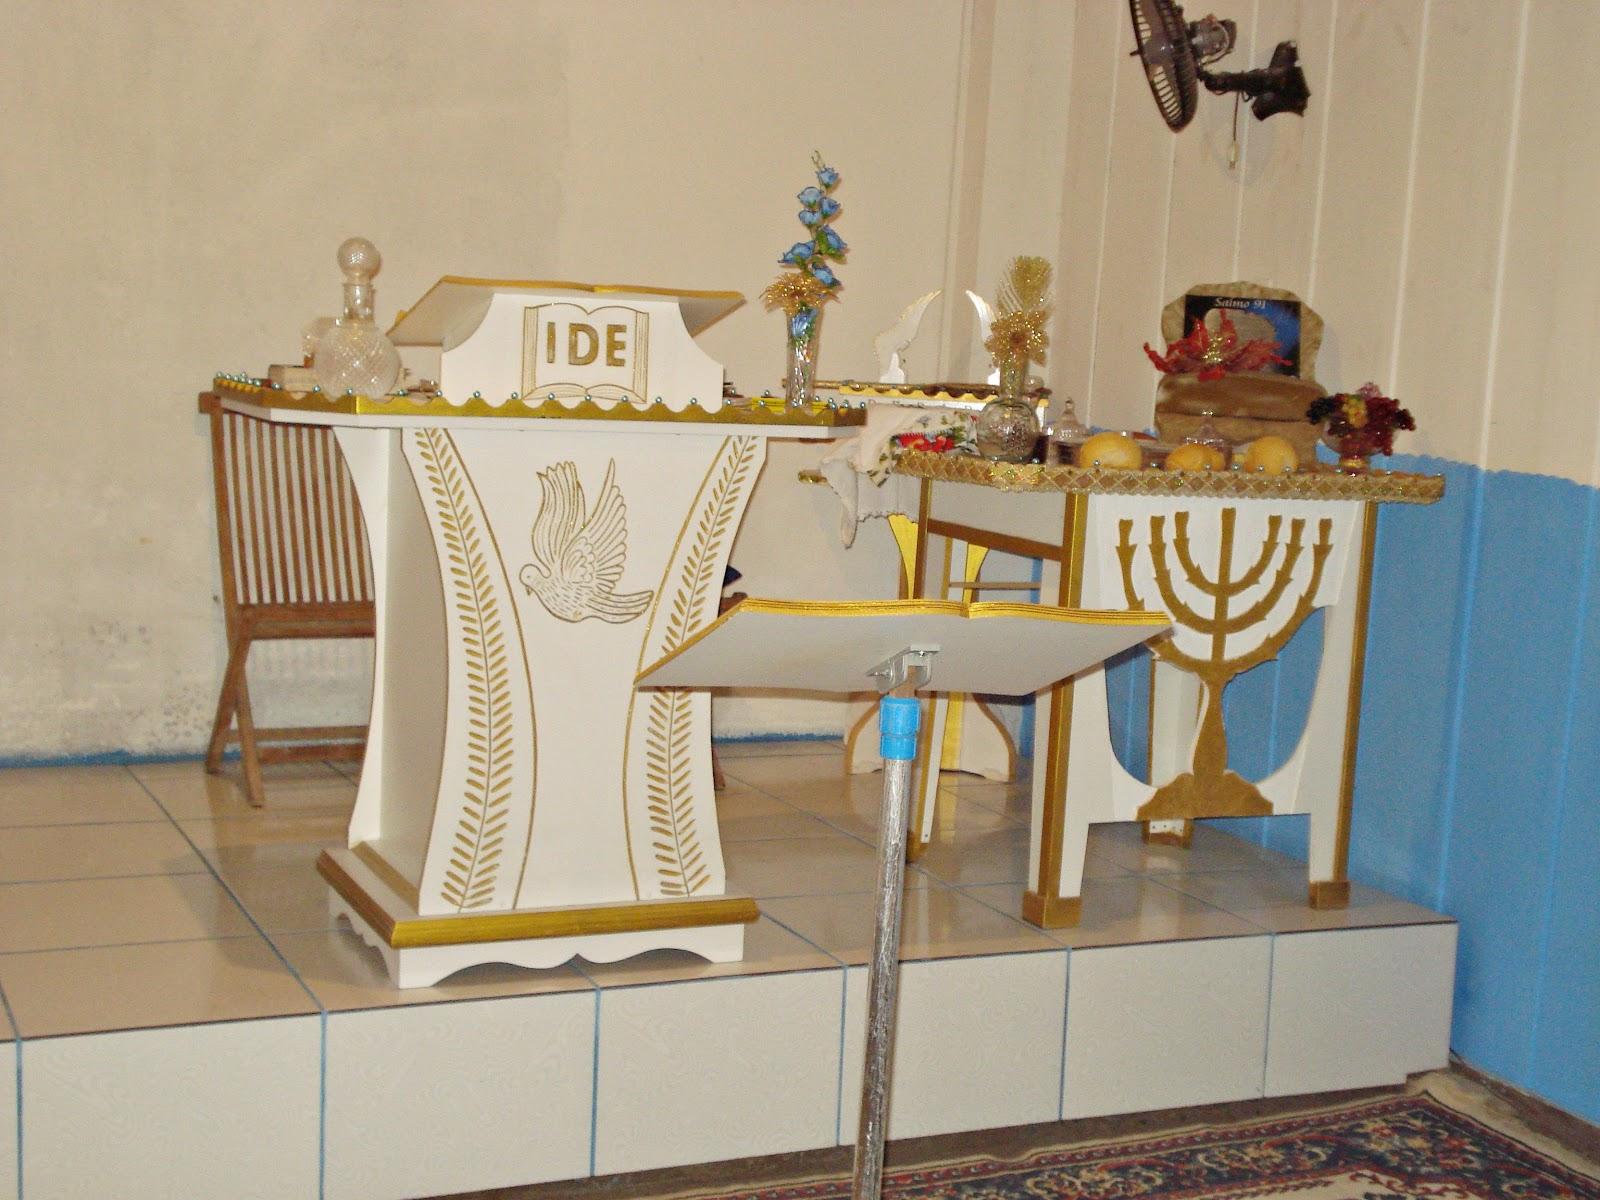 Arte em madeira: Púlpito Mesa para Santa Ceia Mesa de Som #A17E2A 1600x1200